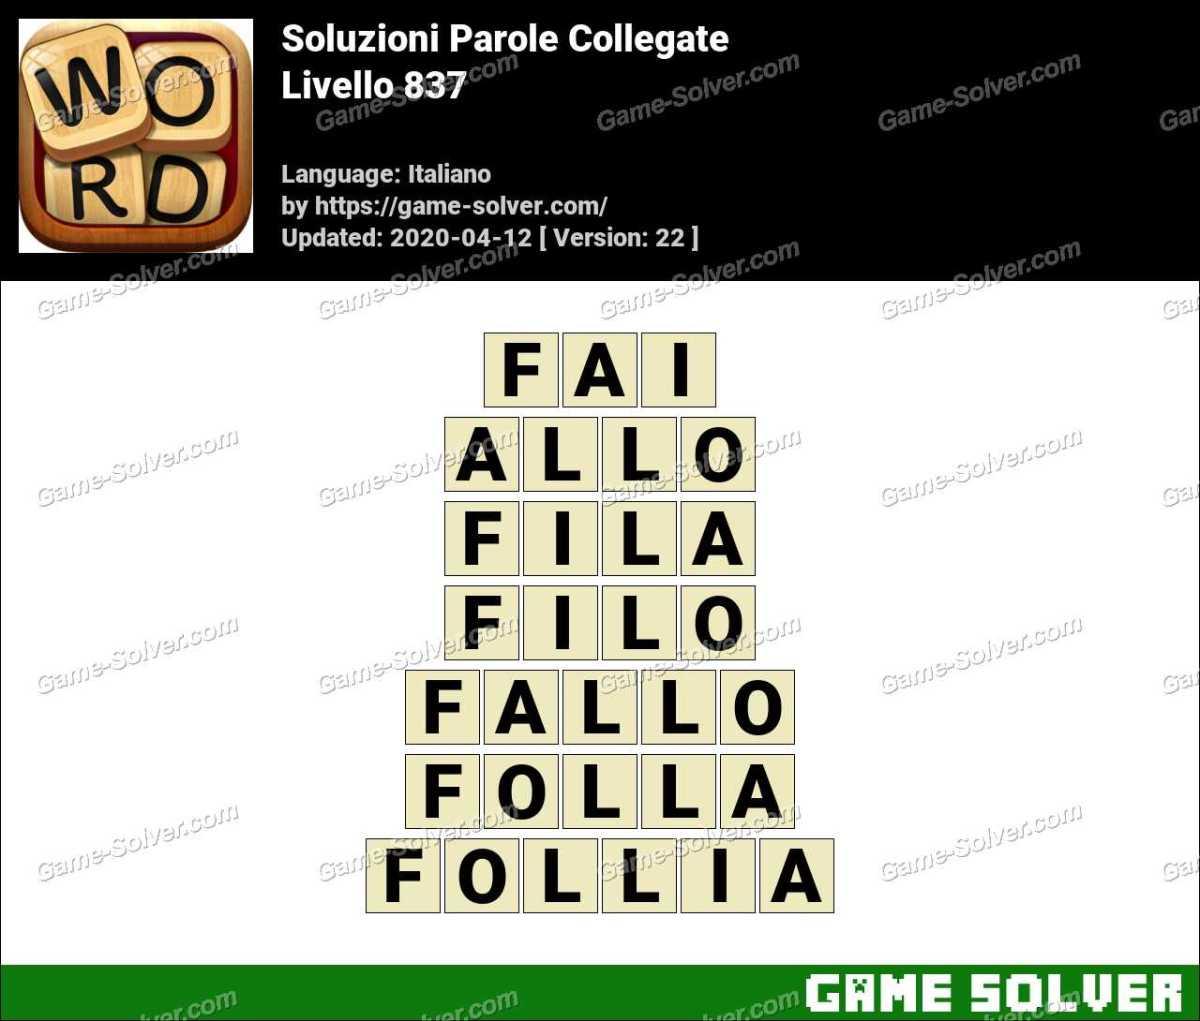 Soluzioni Parole Collegate Livello 837